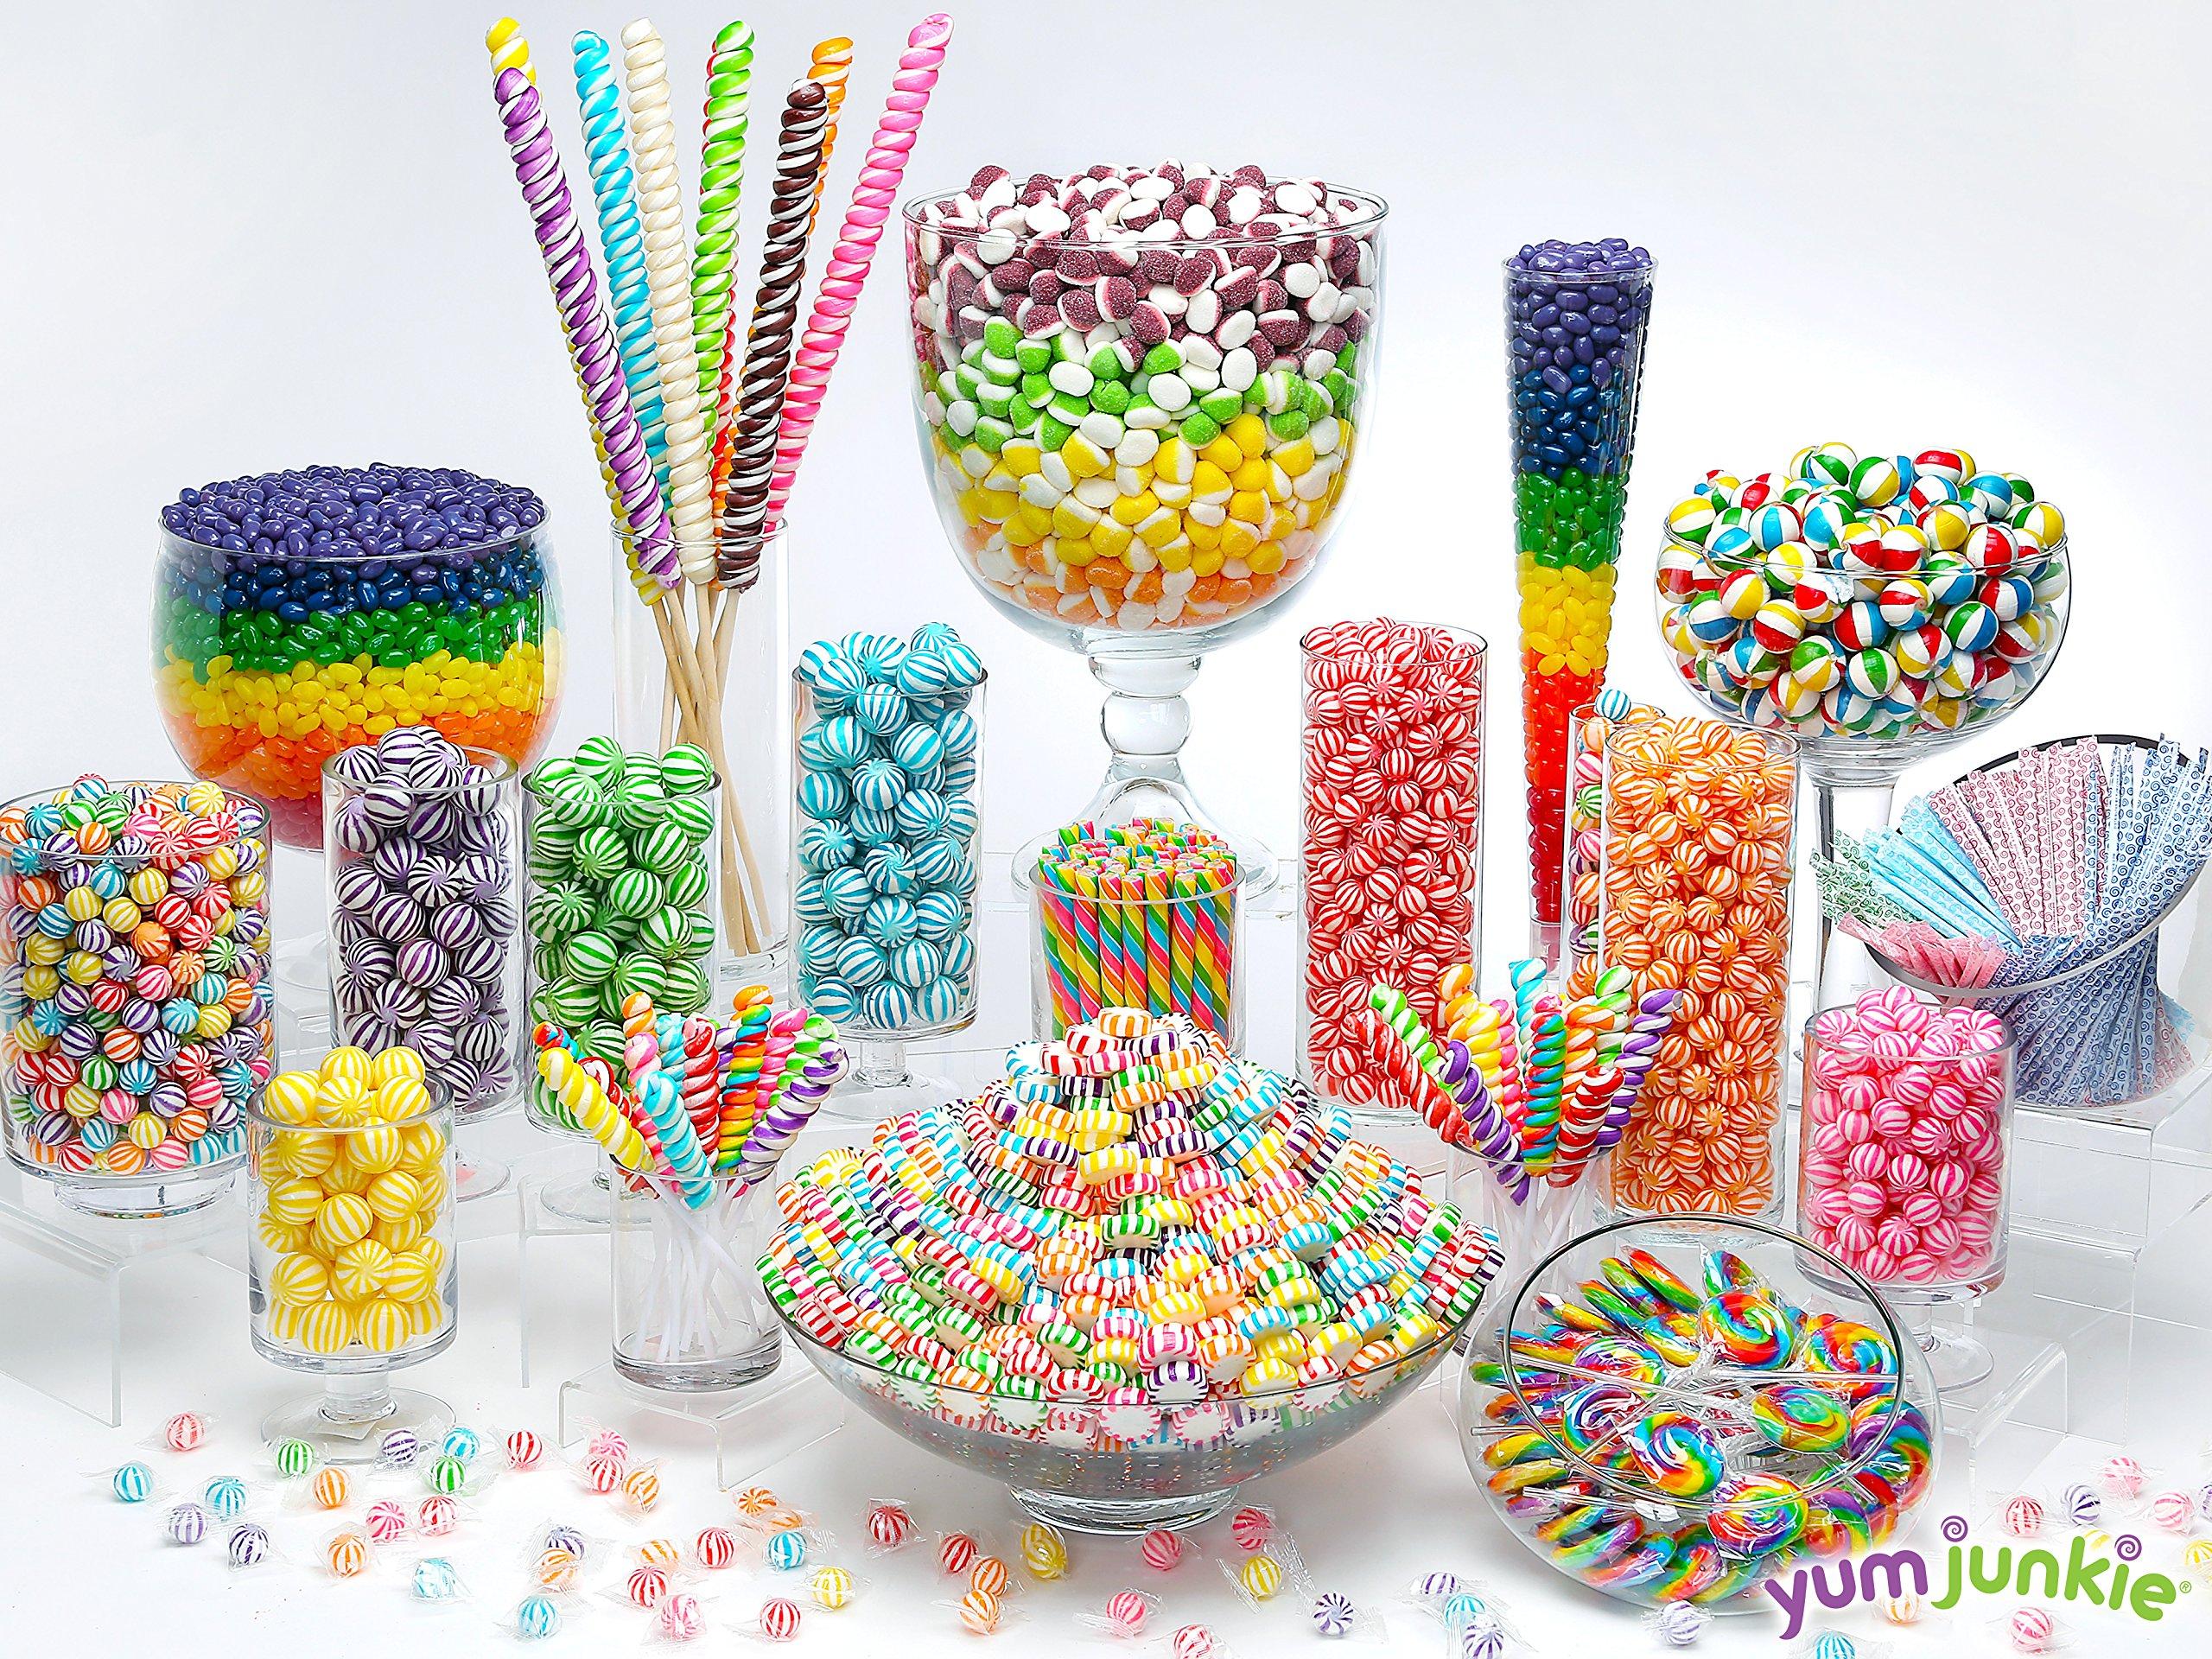 Swipple Pops Petite Swirl Ripple Lollipops - 60-Piece Tub (Rainbow) by YumJunkie